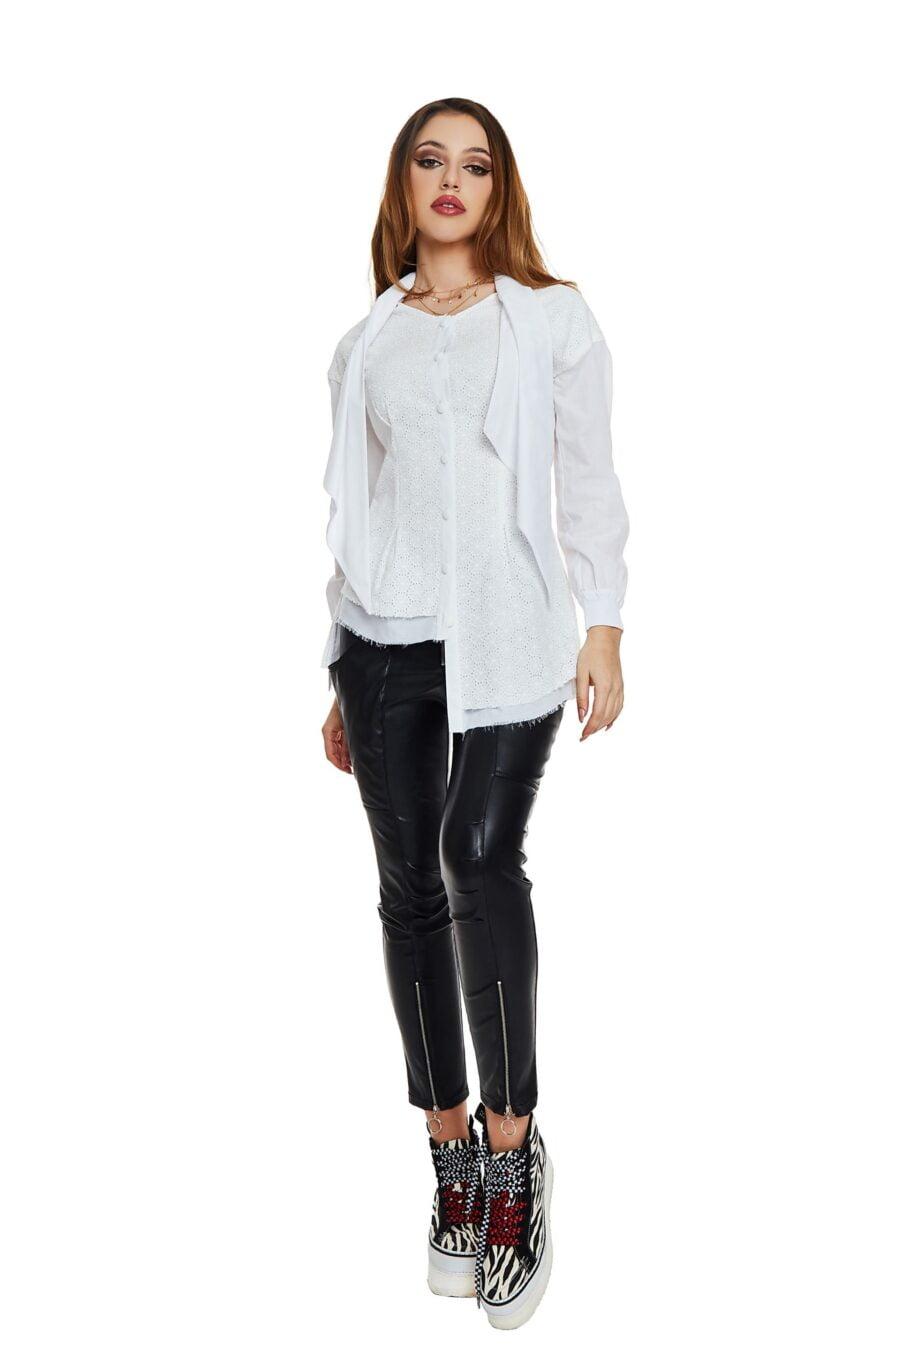 white asymmetrical shirt